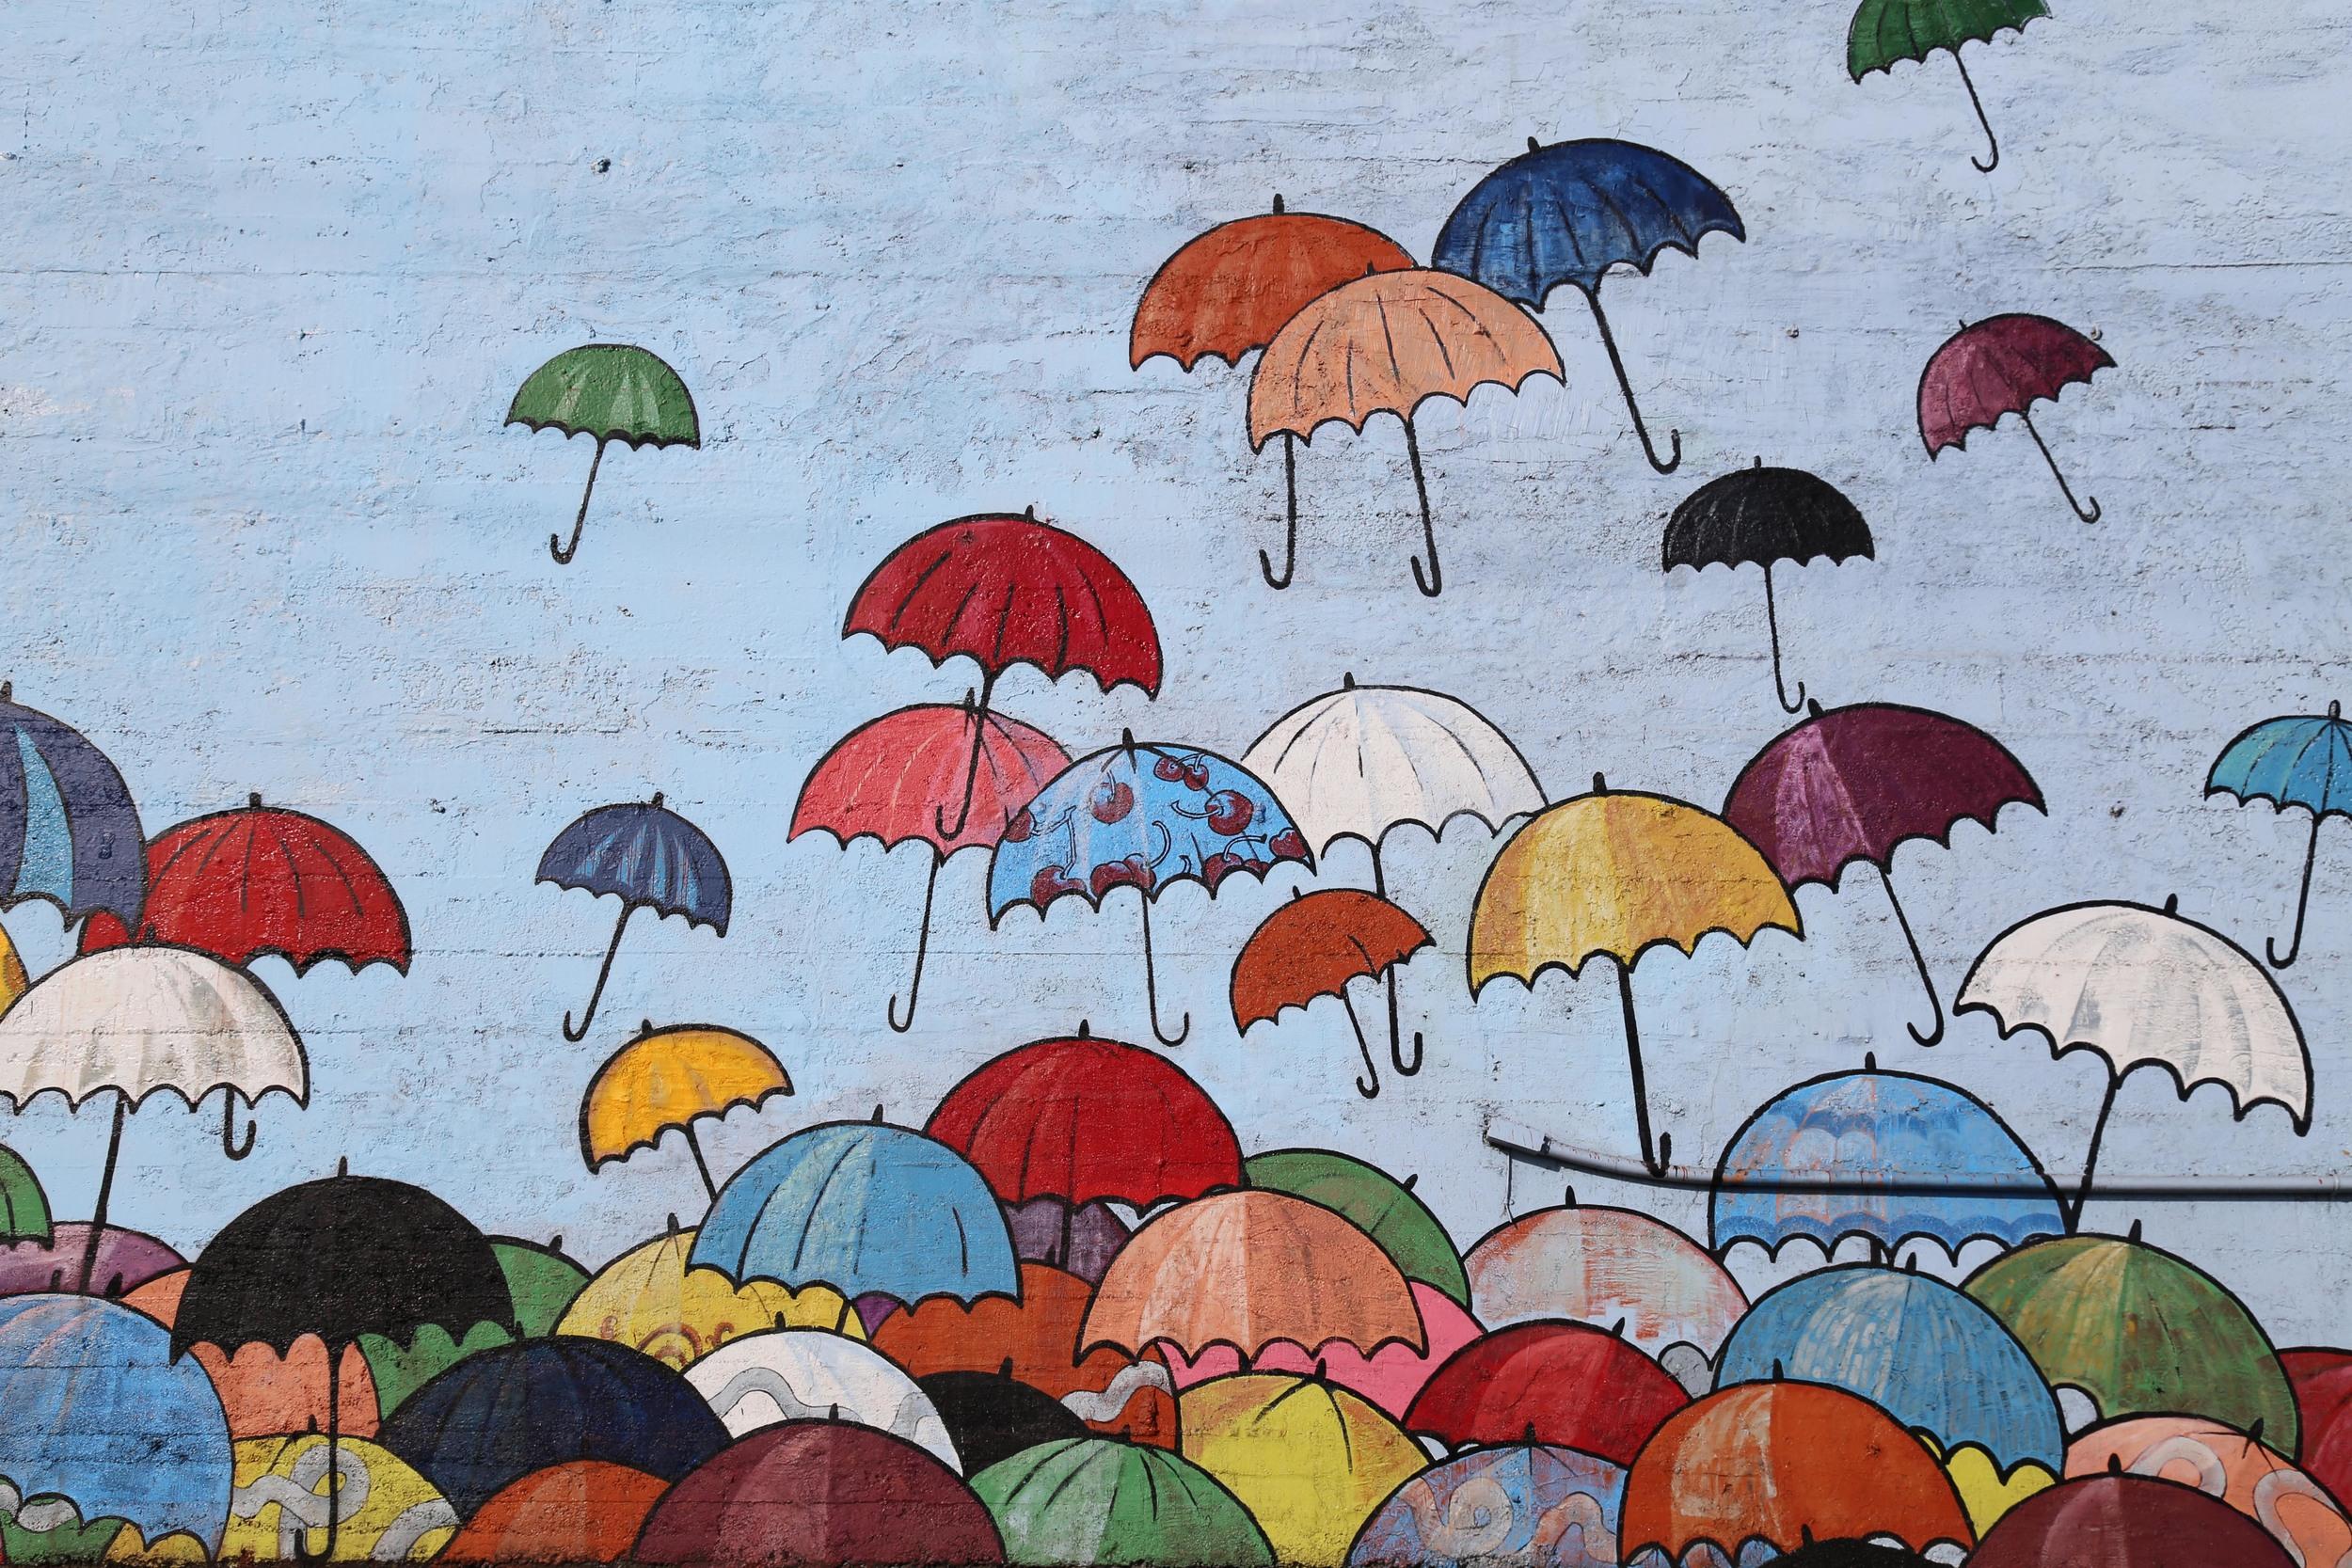 umbrellamural.jpg